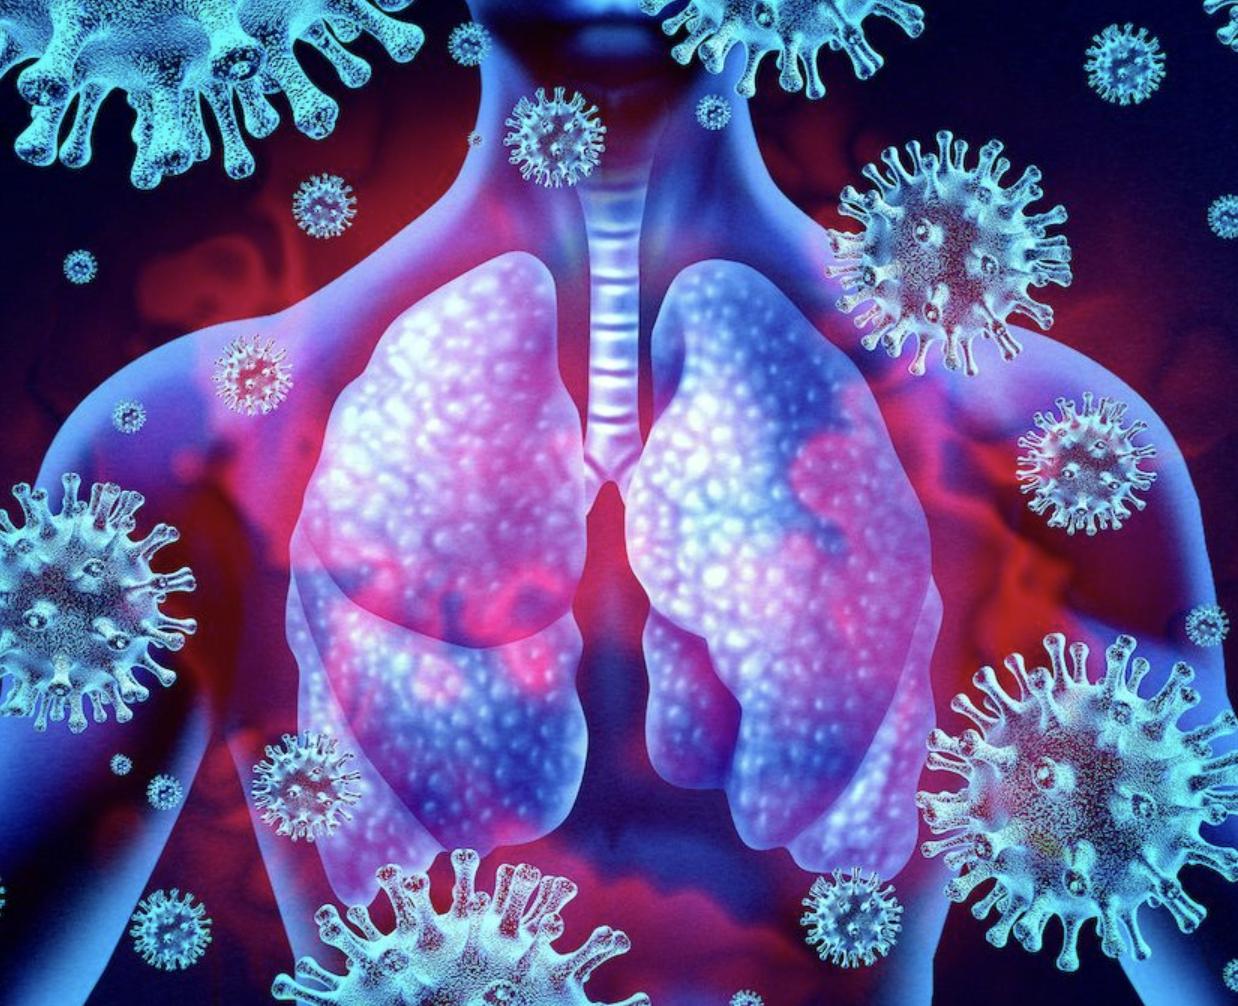 El Covid-19 es un virus, no una bacteria